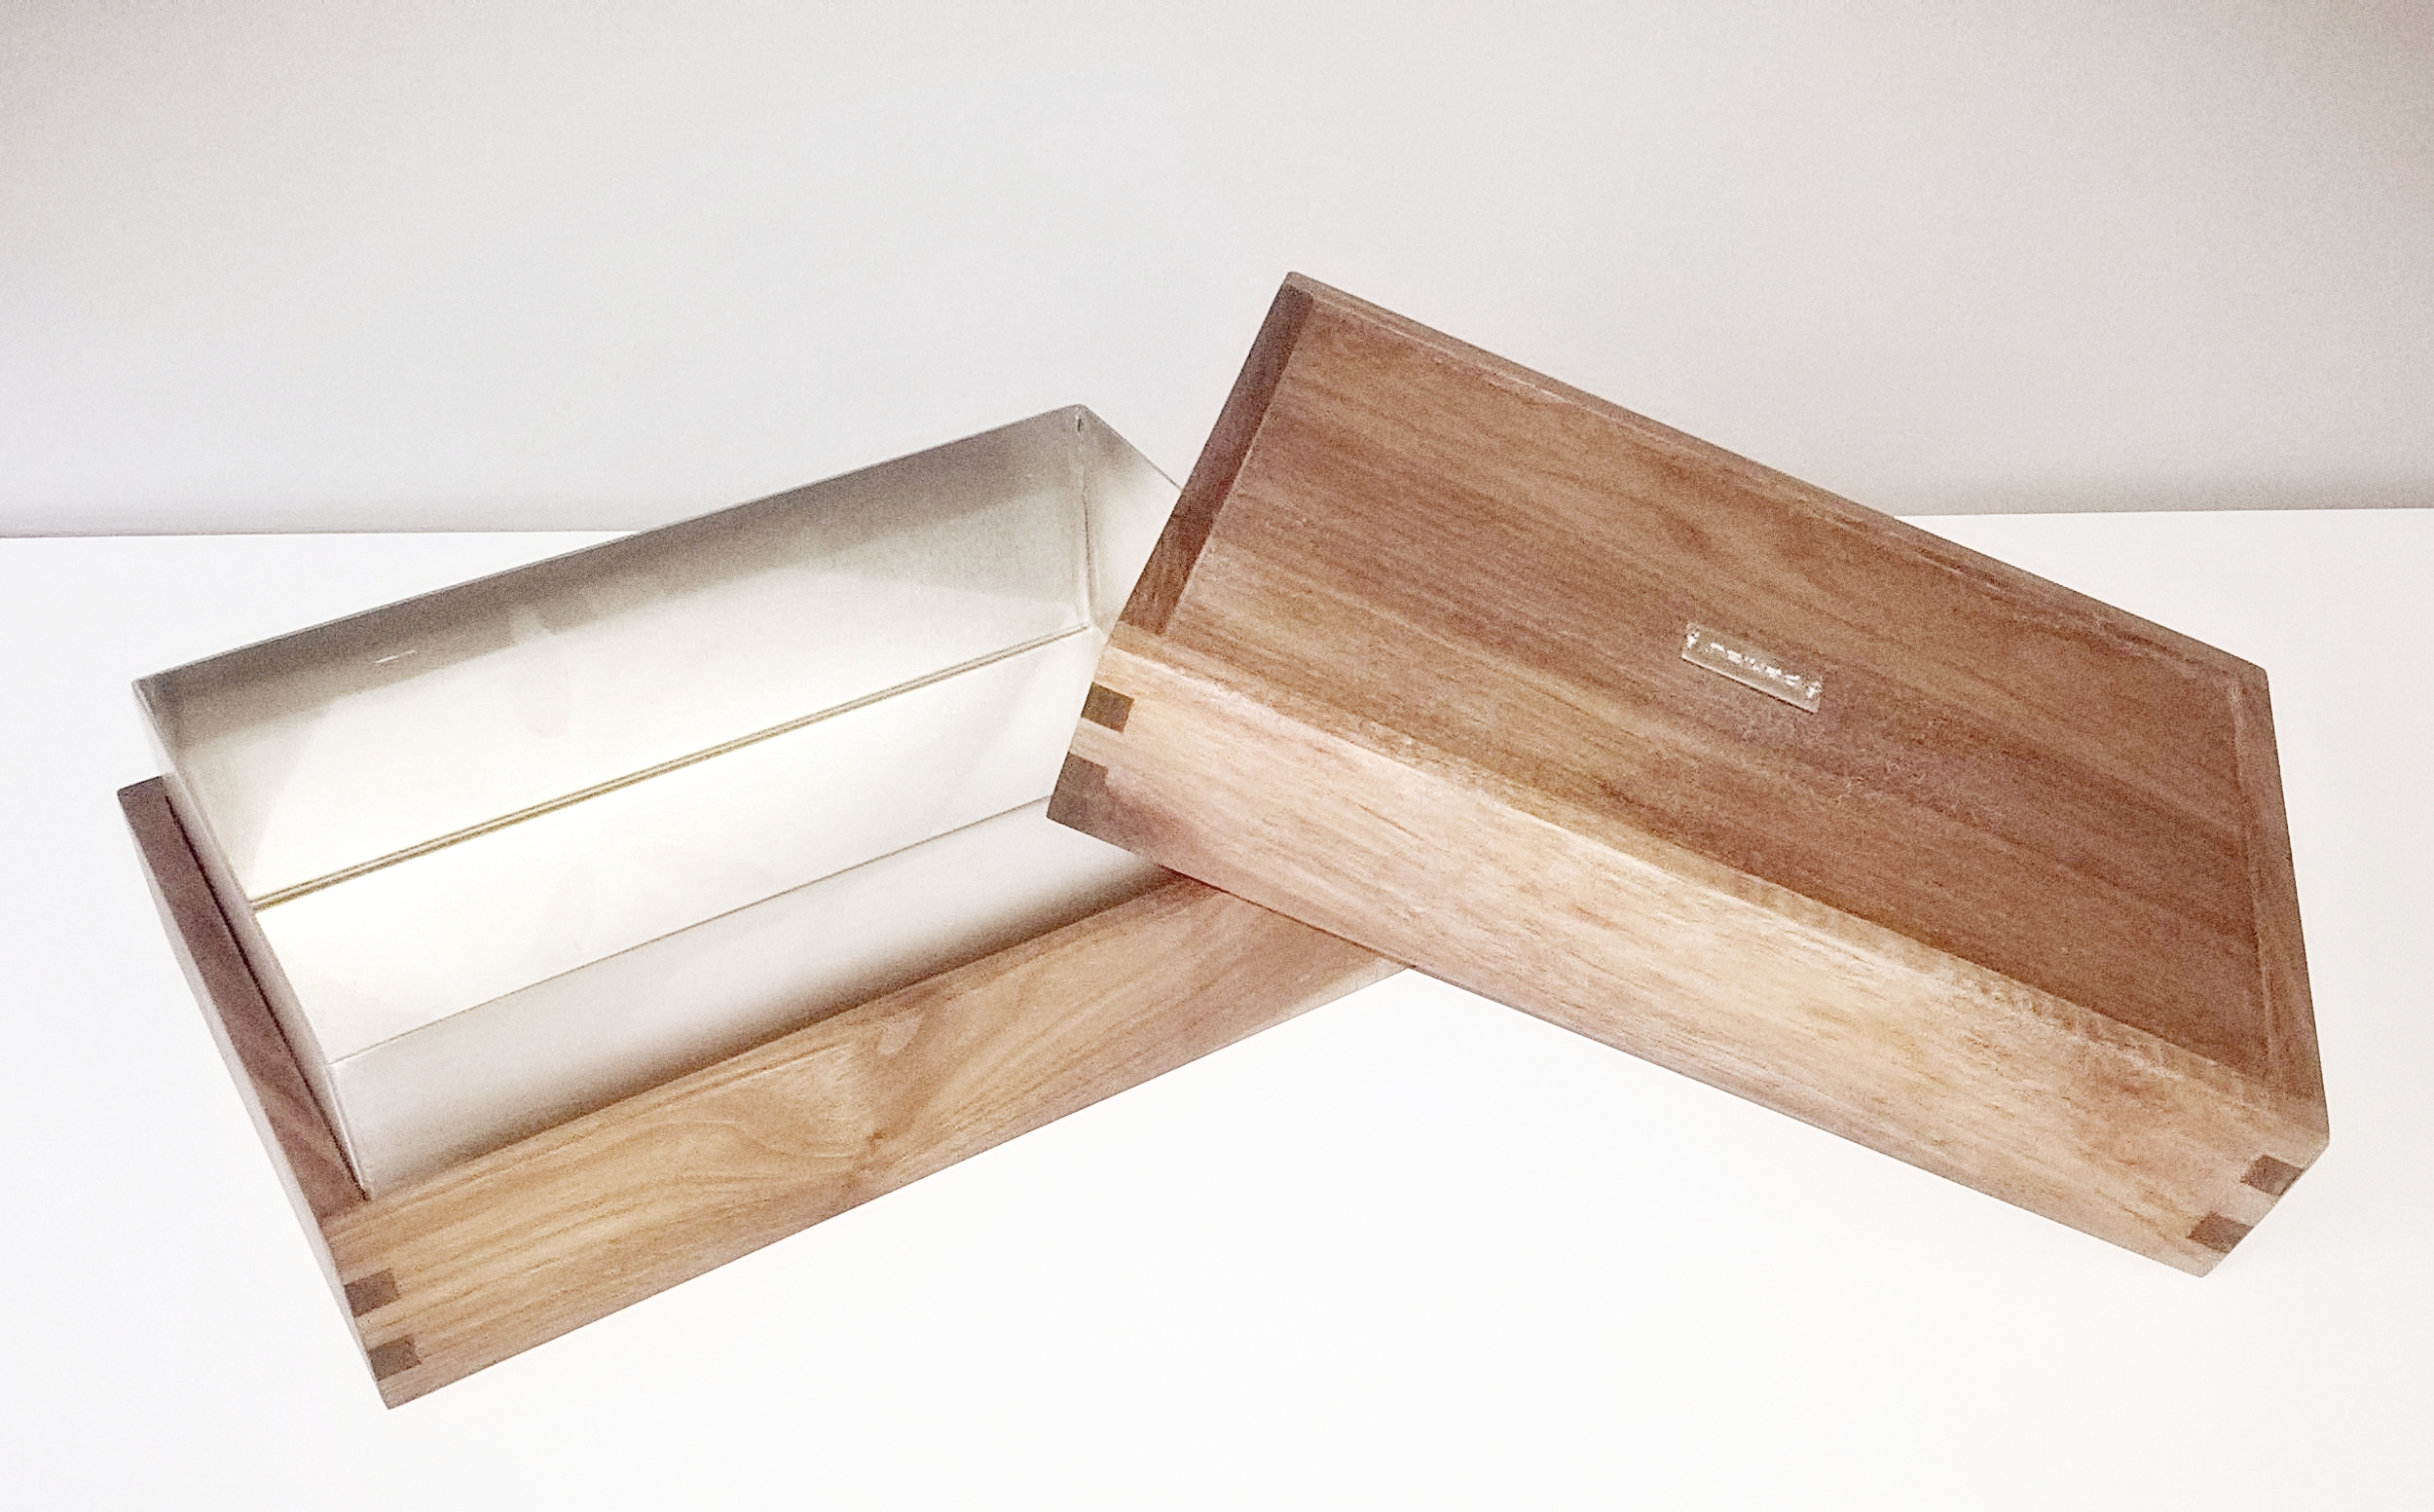 Penlau®  dishbox - extra large Træ box, olieret valnød 38,5/30,5/6 cm (b/d/h) Stål box, børstet rustfrit stål 36,2/28,2//9,5 cm (b/d/h) Låg til box, olieret valnød 38,5/30,5/6 cm (b/d/h) Et sæt af 3 dele kr. 1.650,- En del kr. 650,- Varenr. Box3-777-03-extra large